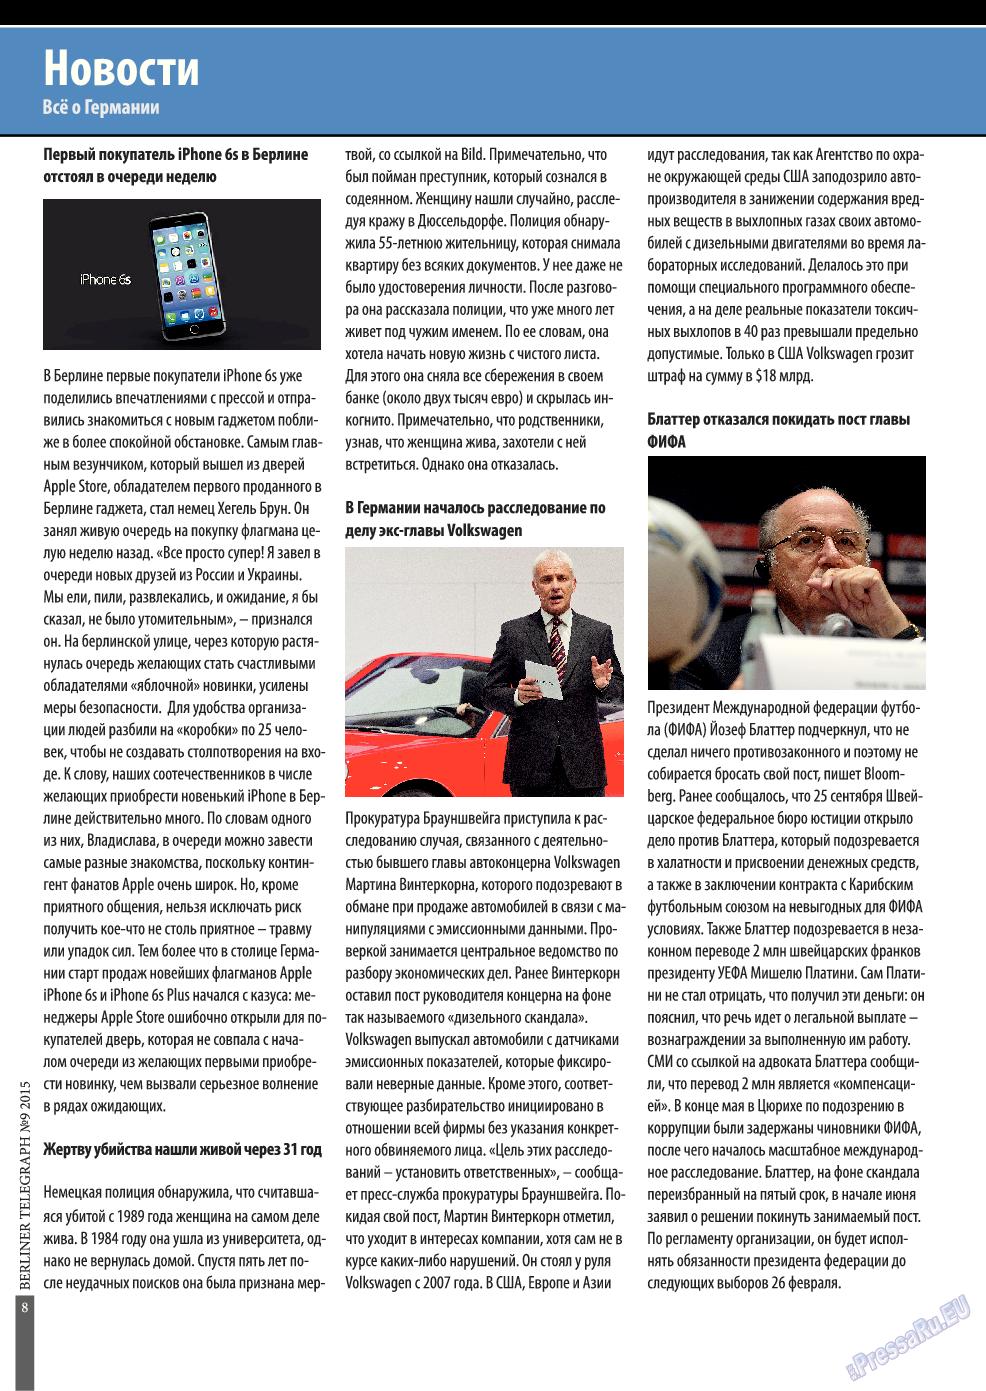 Берлинский телеграф (журнал). 2015 год, номер 10, стр. 8